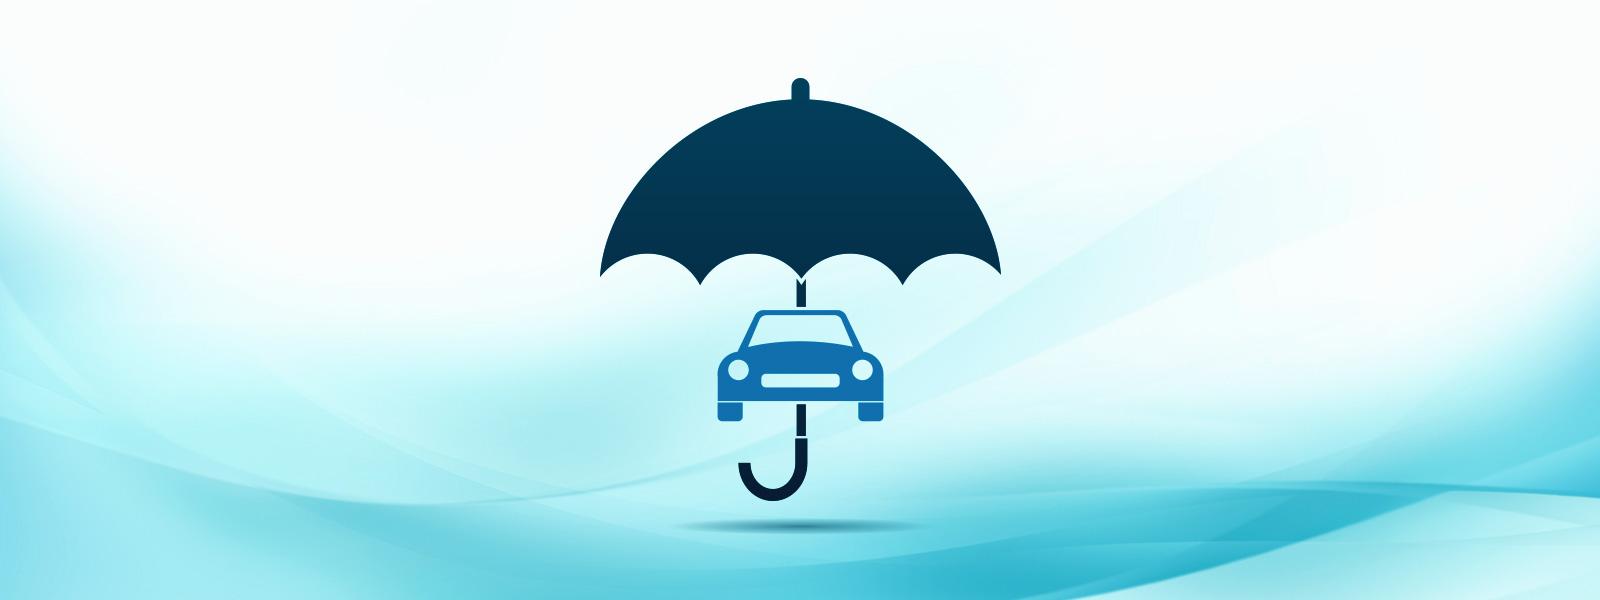 aumente-chances-localizacao-veiculo-roubado-blog-ceabs